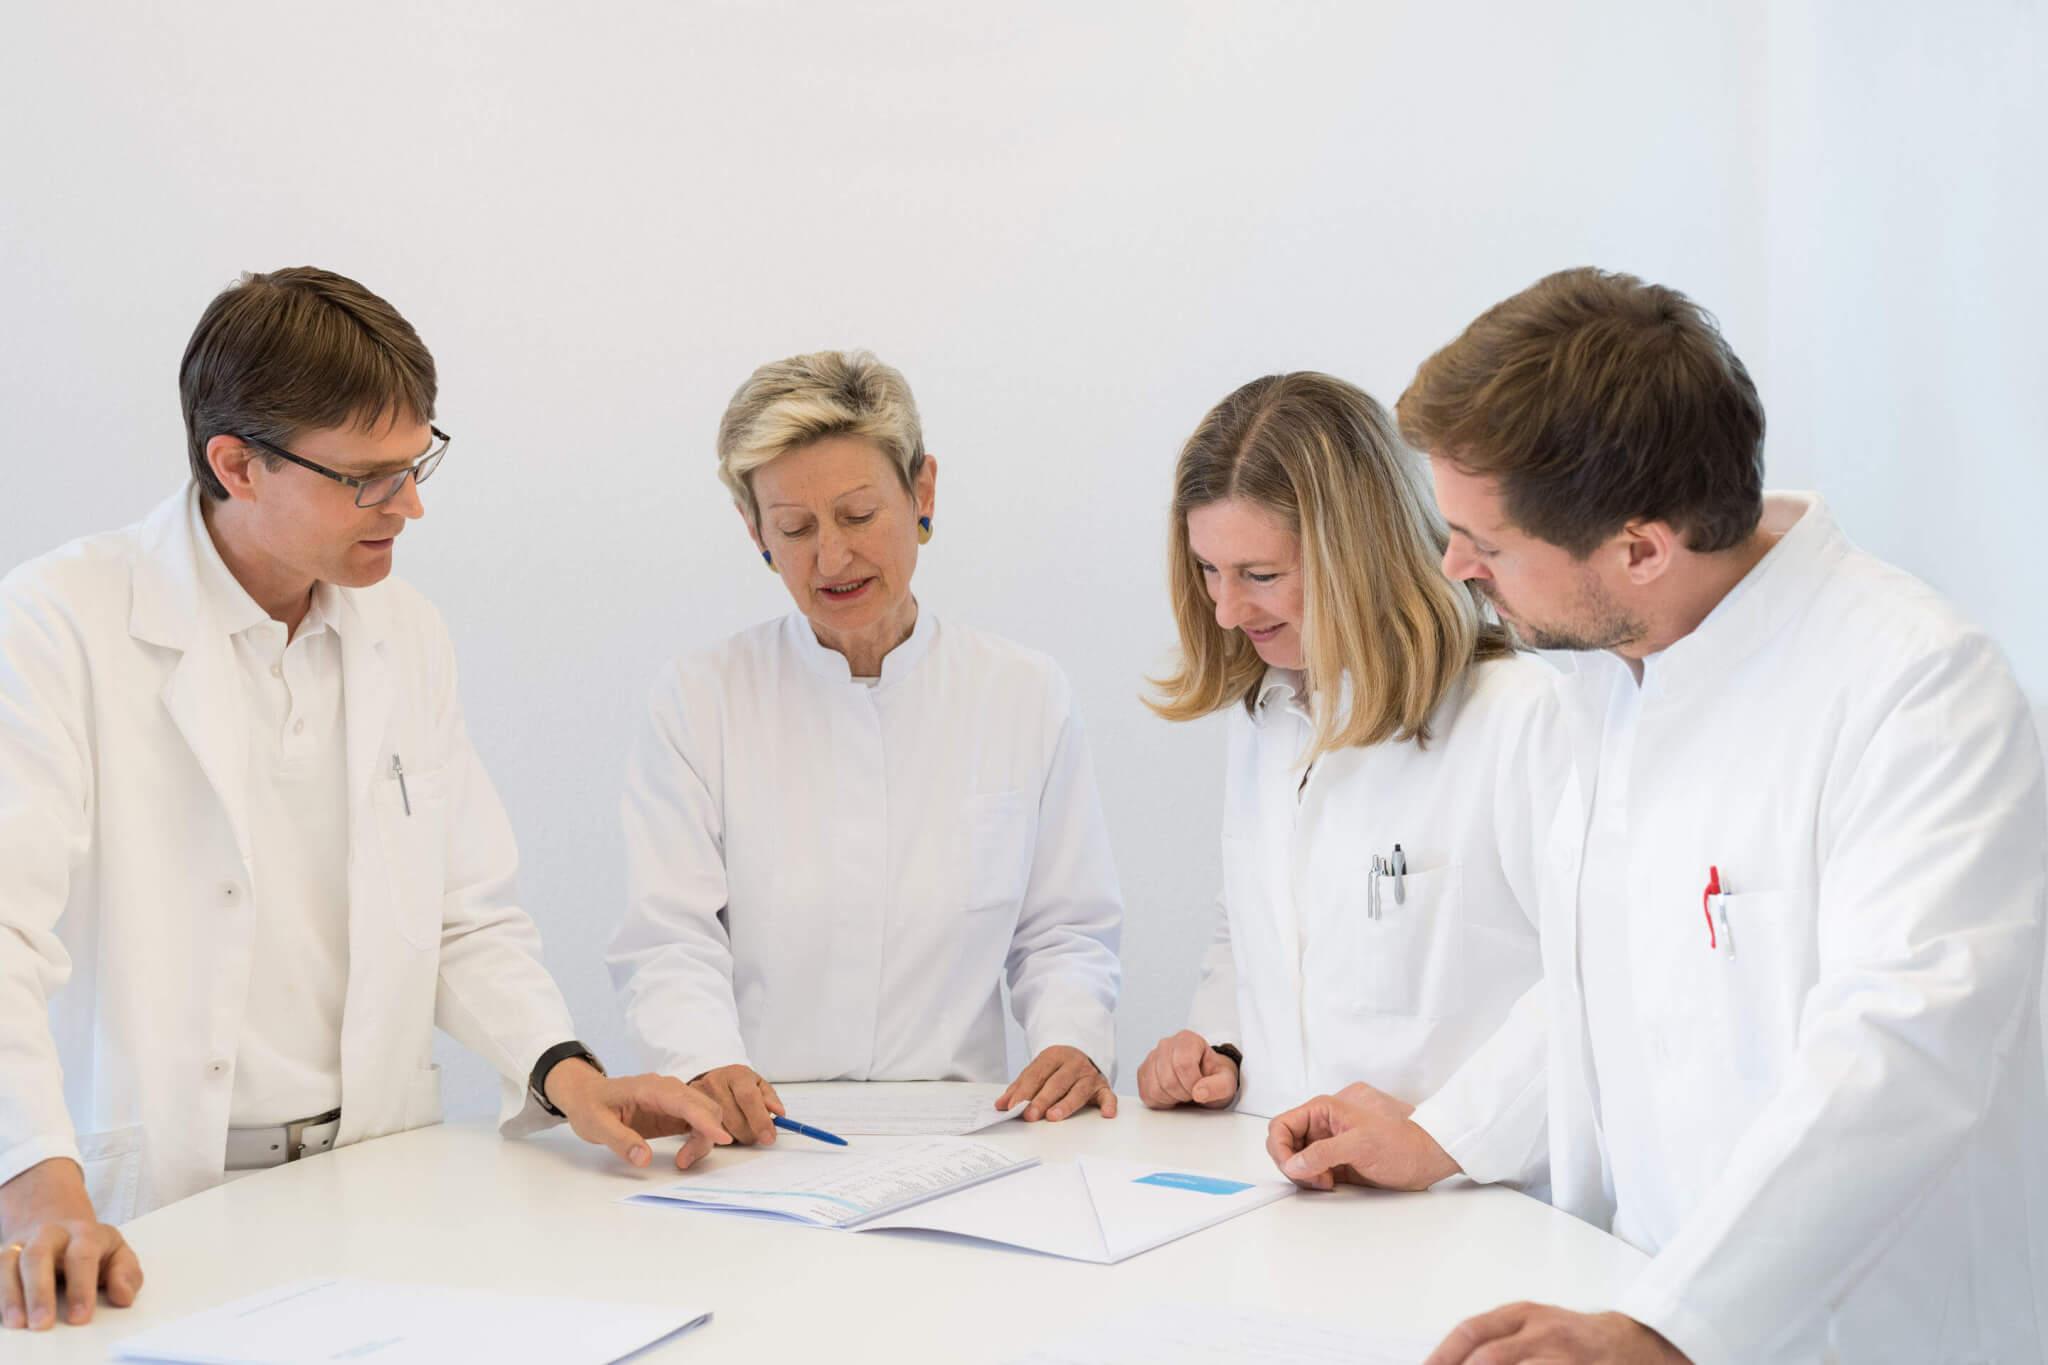 Buchinger Wilhelmi, Fasten, Heilfasten, Fasting, Health, Integrative Medicine, Ärzte, Doctors, Meeting, Besprechung,